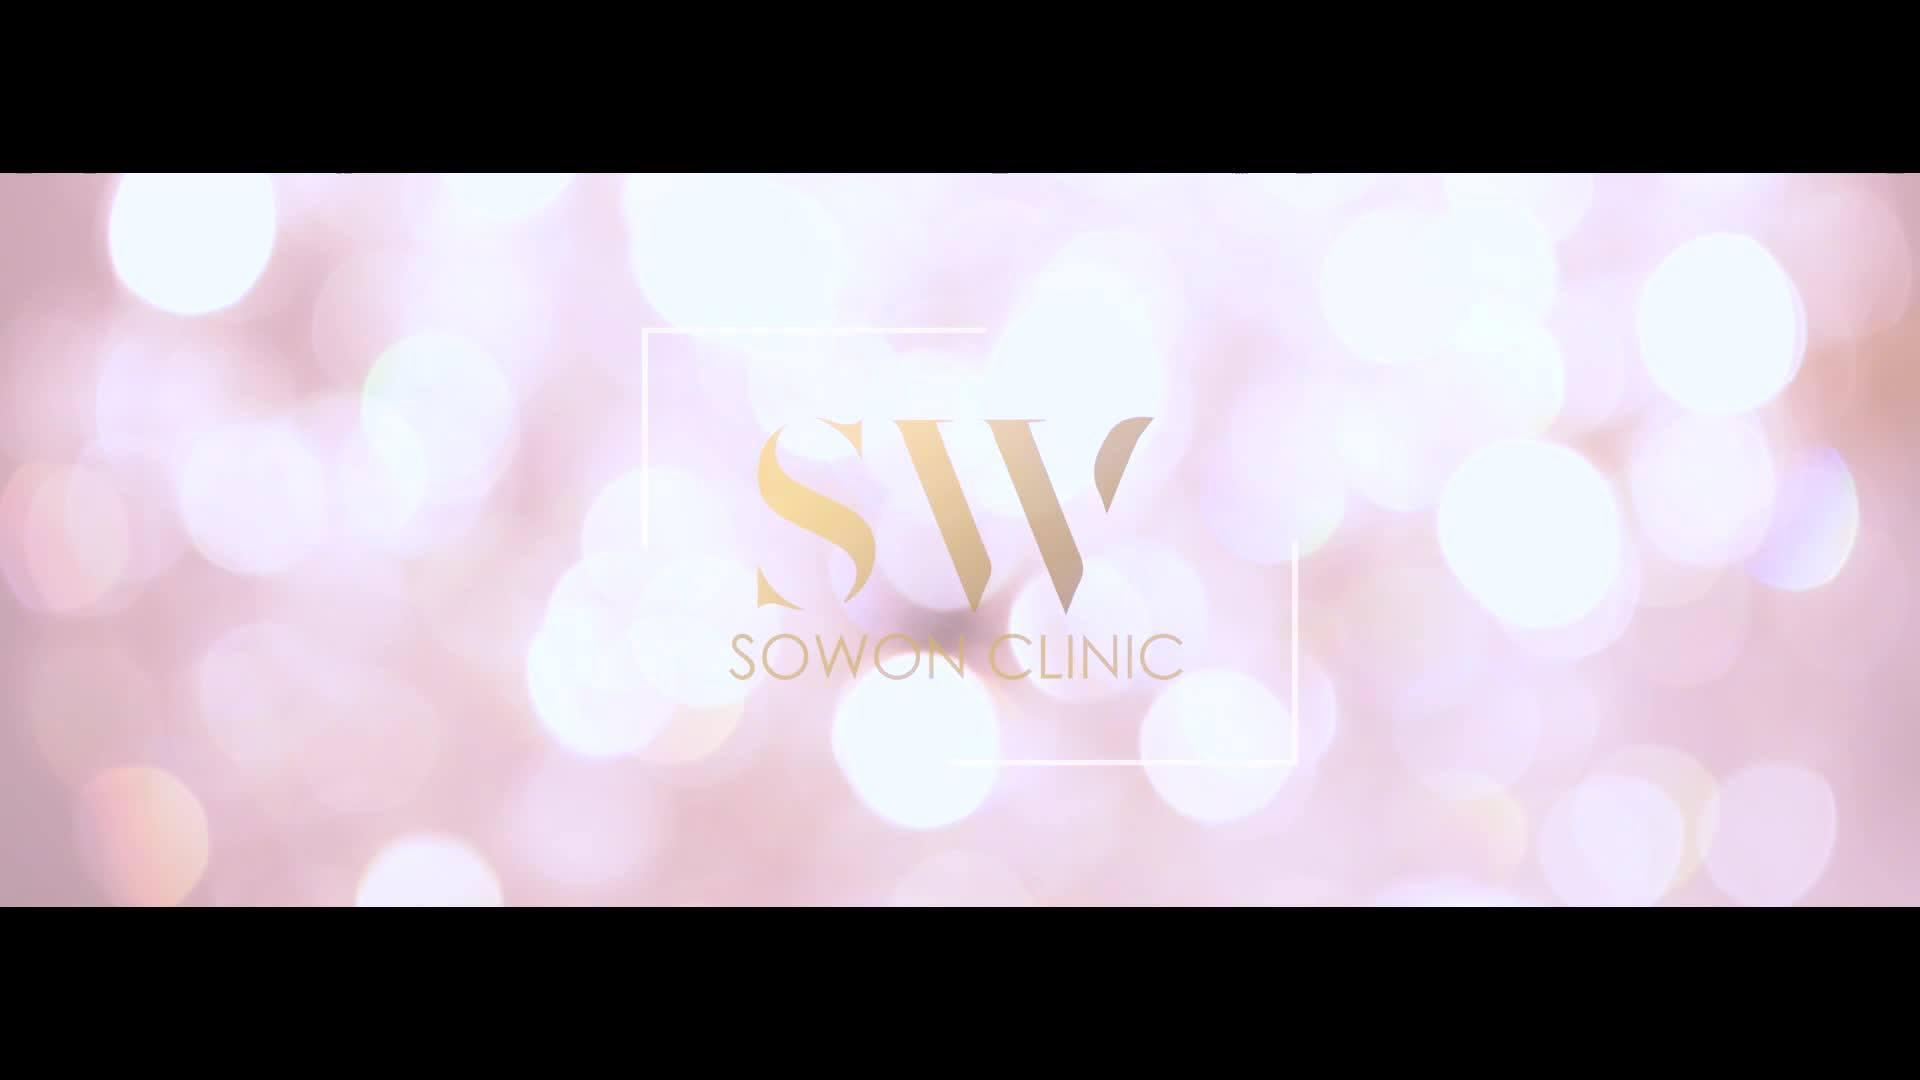 Sowon Clinic ยกกระชับ หน้าเรียวยิ่งขึ้น